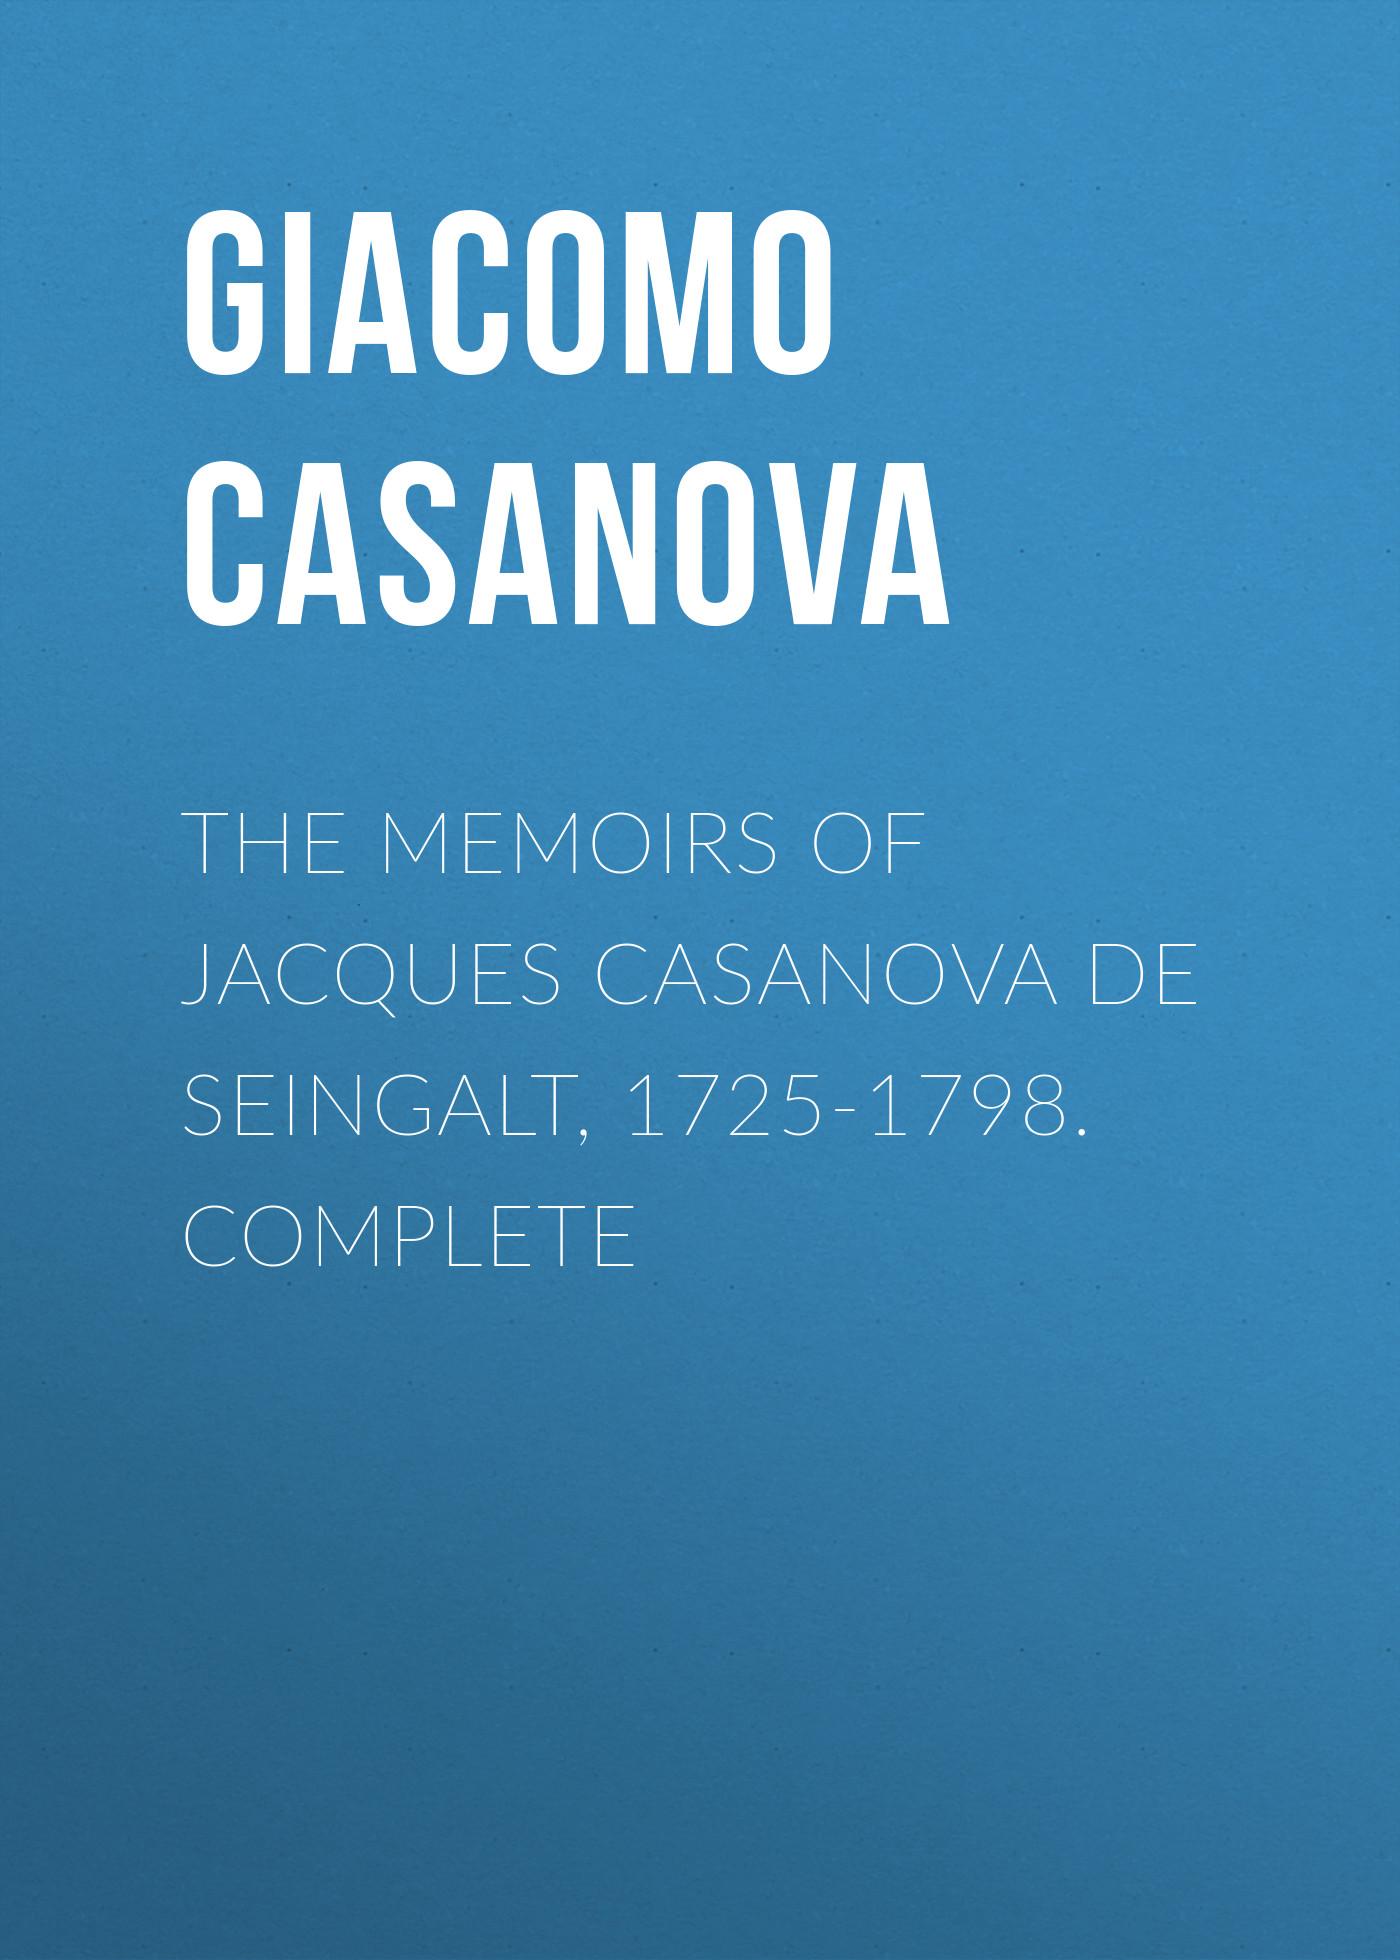 Giacomo Casanova The Memoirs of Jacques Casanova de Seingalt, 1725-1798. Complete